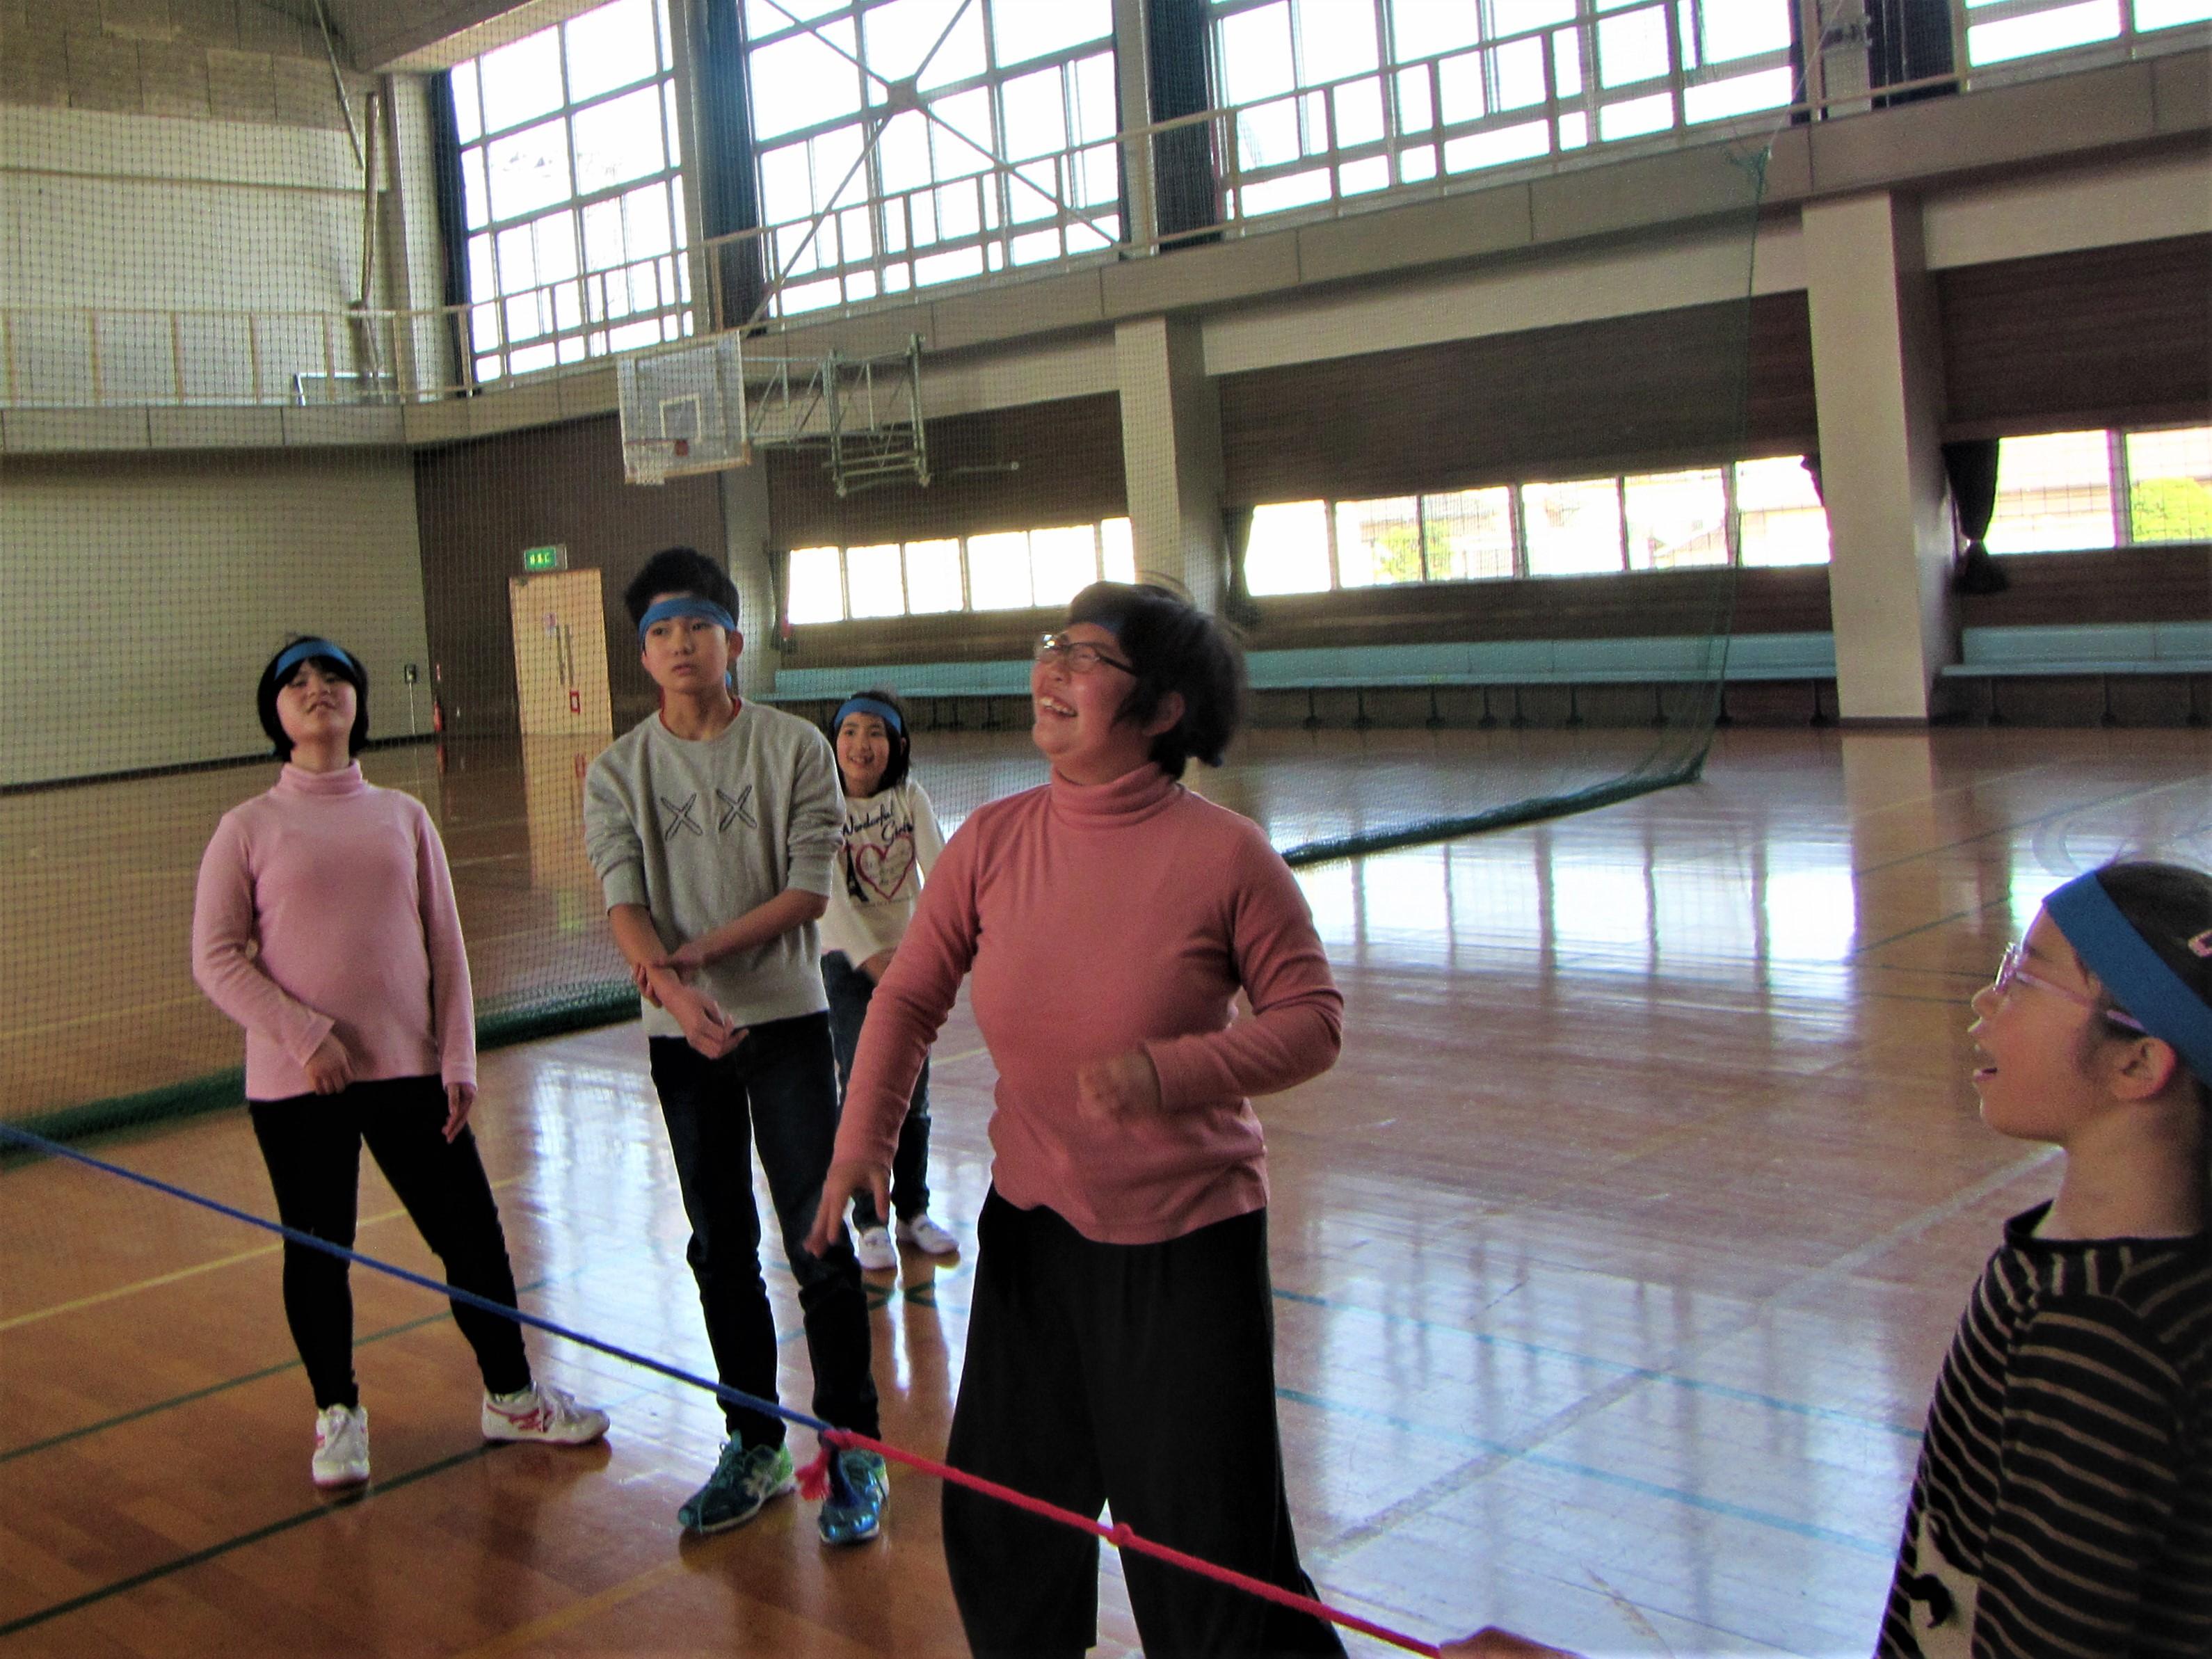 体育館で運動ゲーム 風船バレーはみんな夢中。